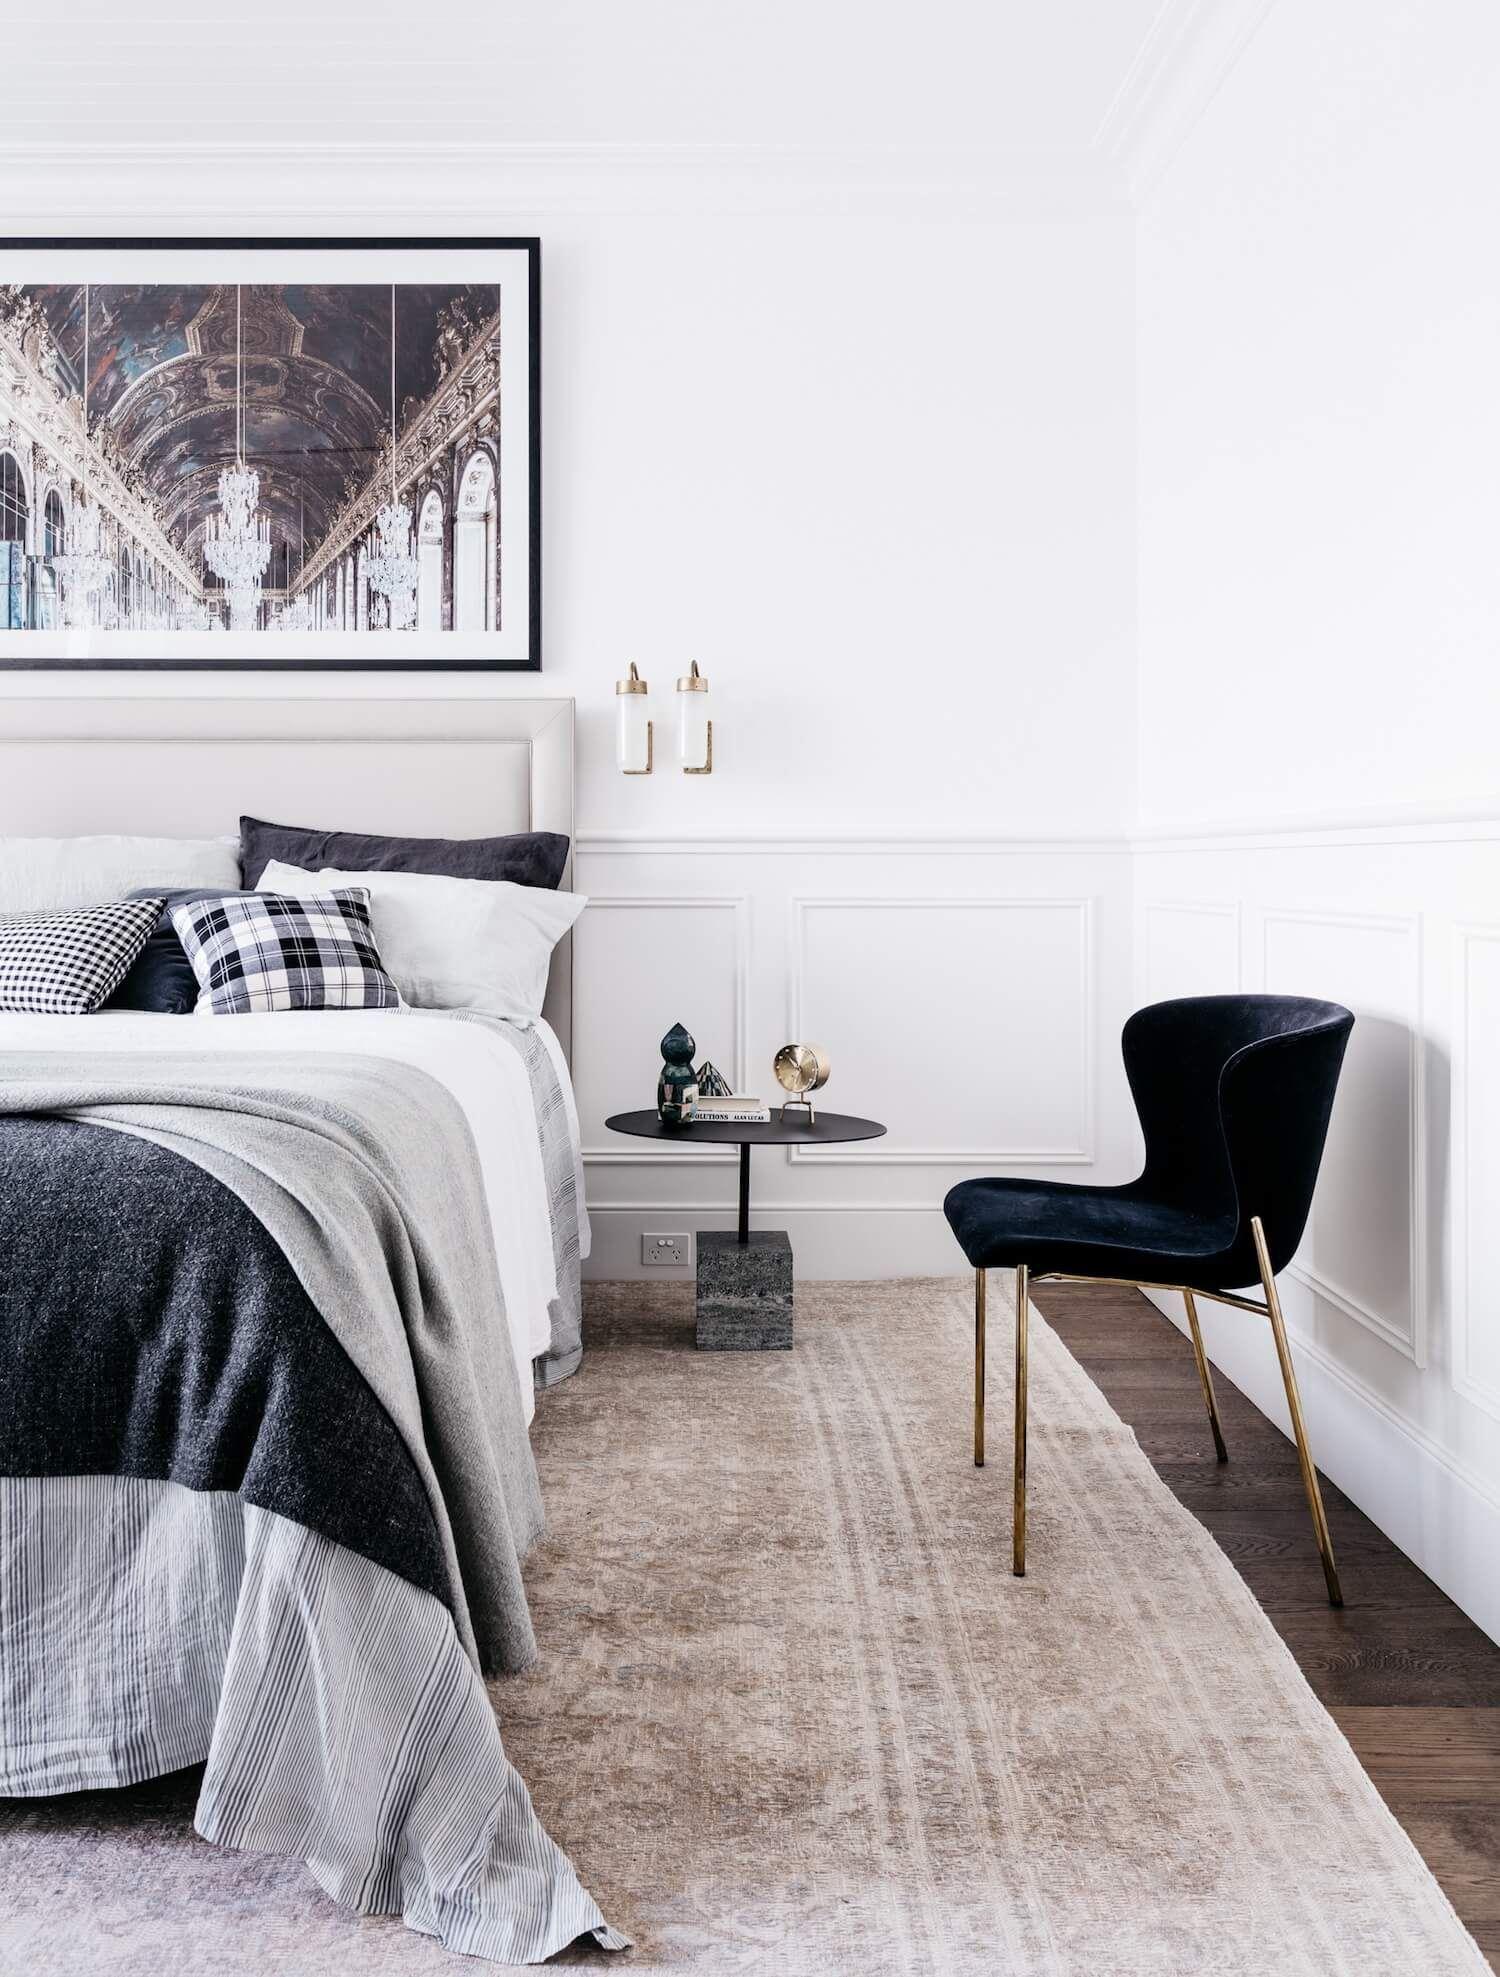 Dormitorio principal decorado con elegante estilo francés minimalista